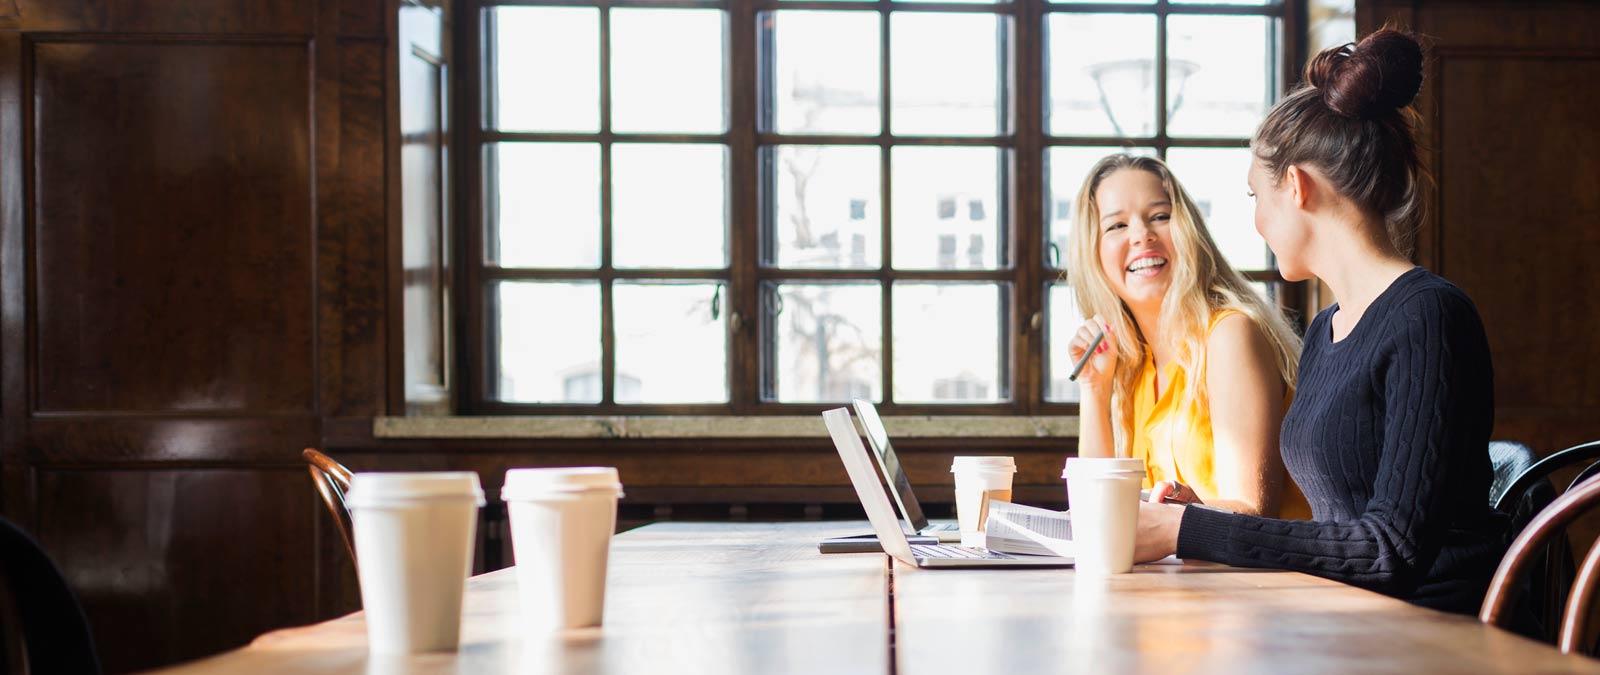 Två kvinnor sitter vid ett bord och använder Office 365 ProPlus på sina bärbara datorer.